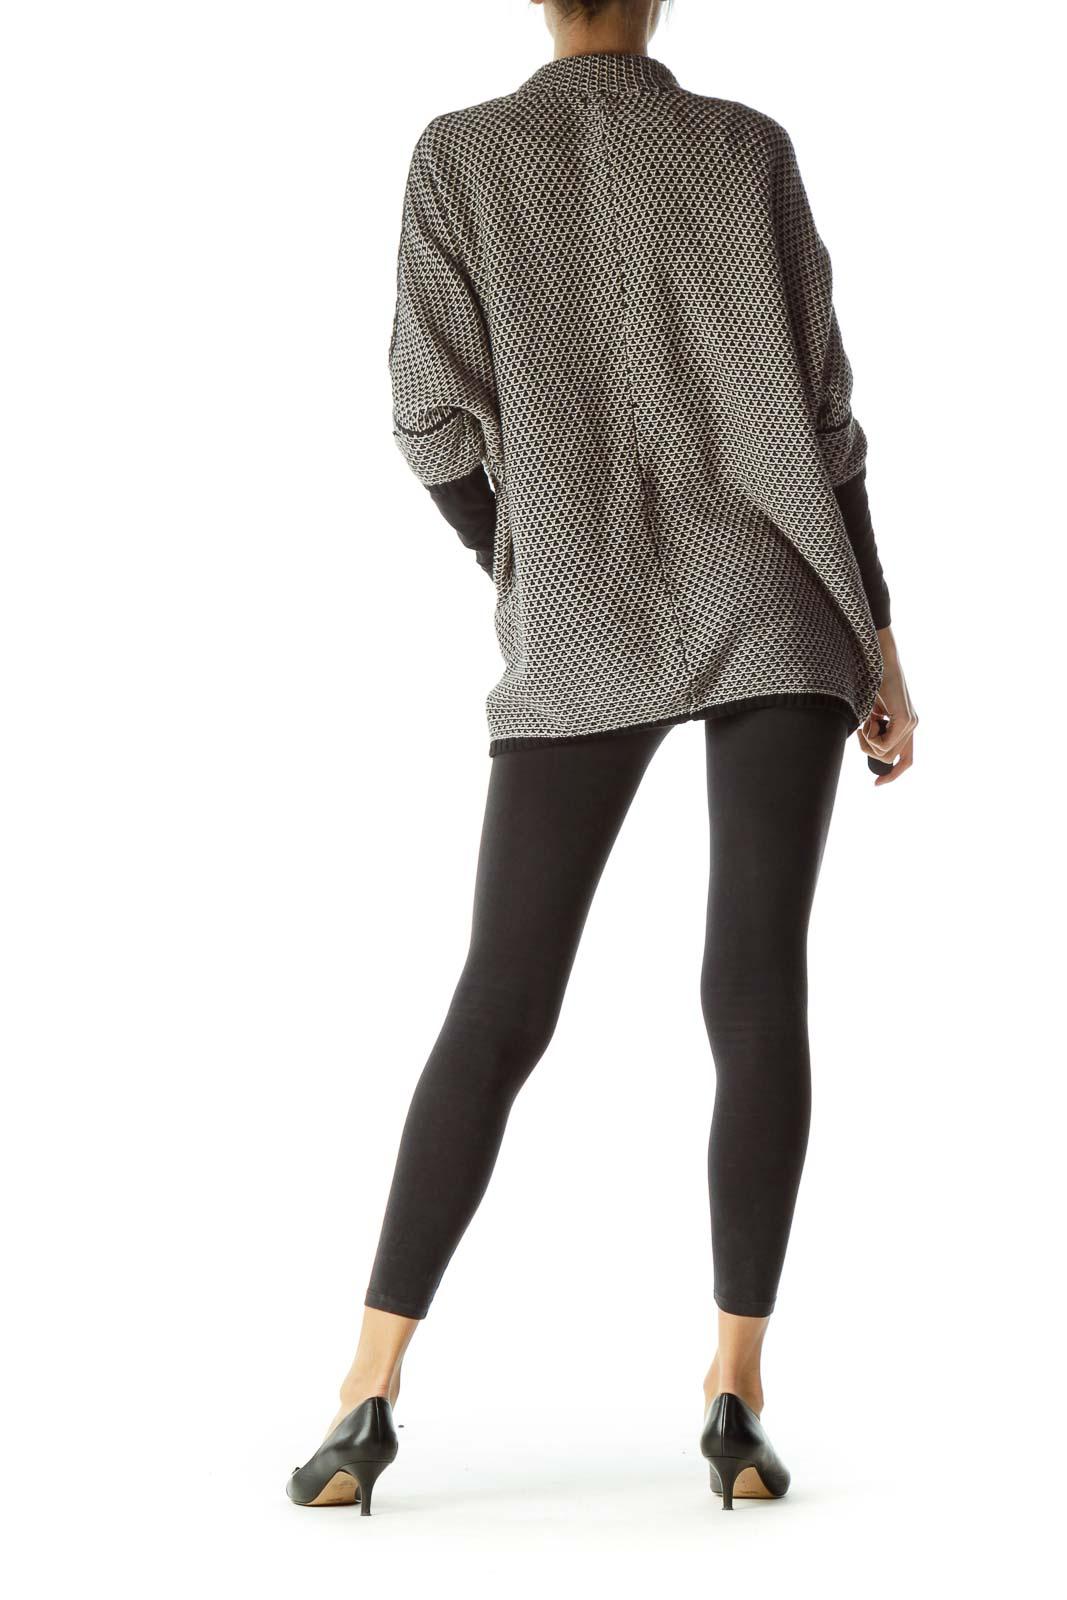 Black Beige Crocheted Sweater